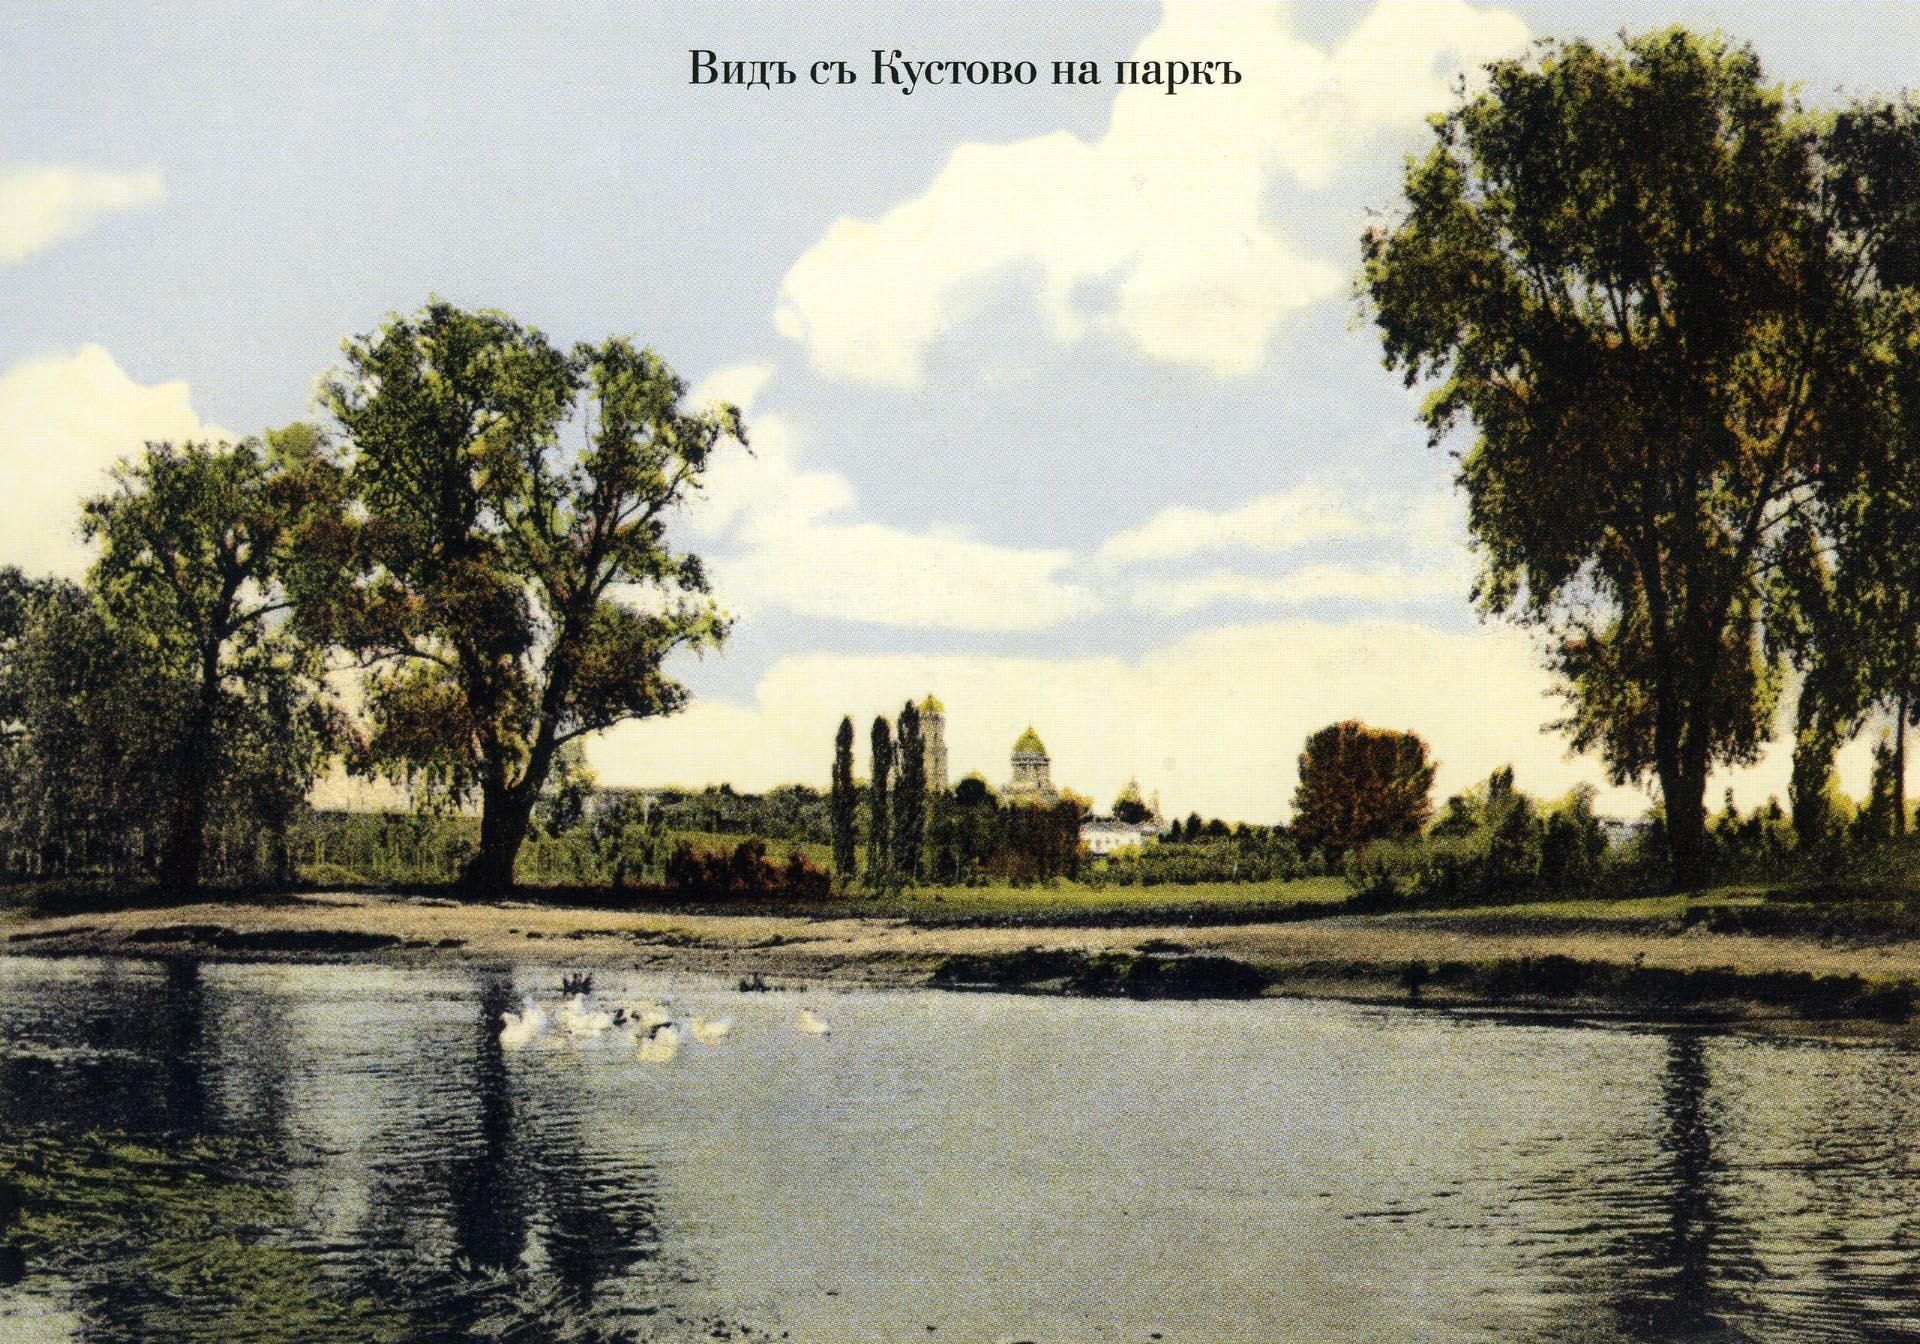 Вид с Кустово на парк